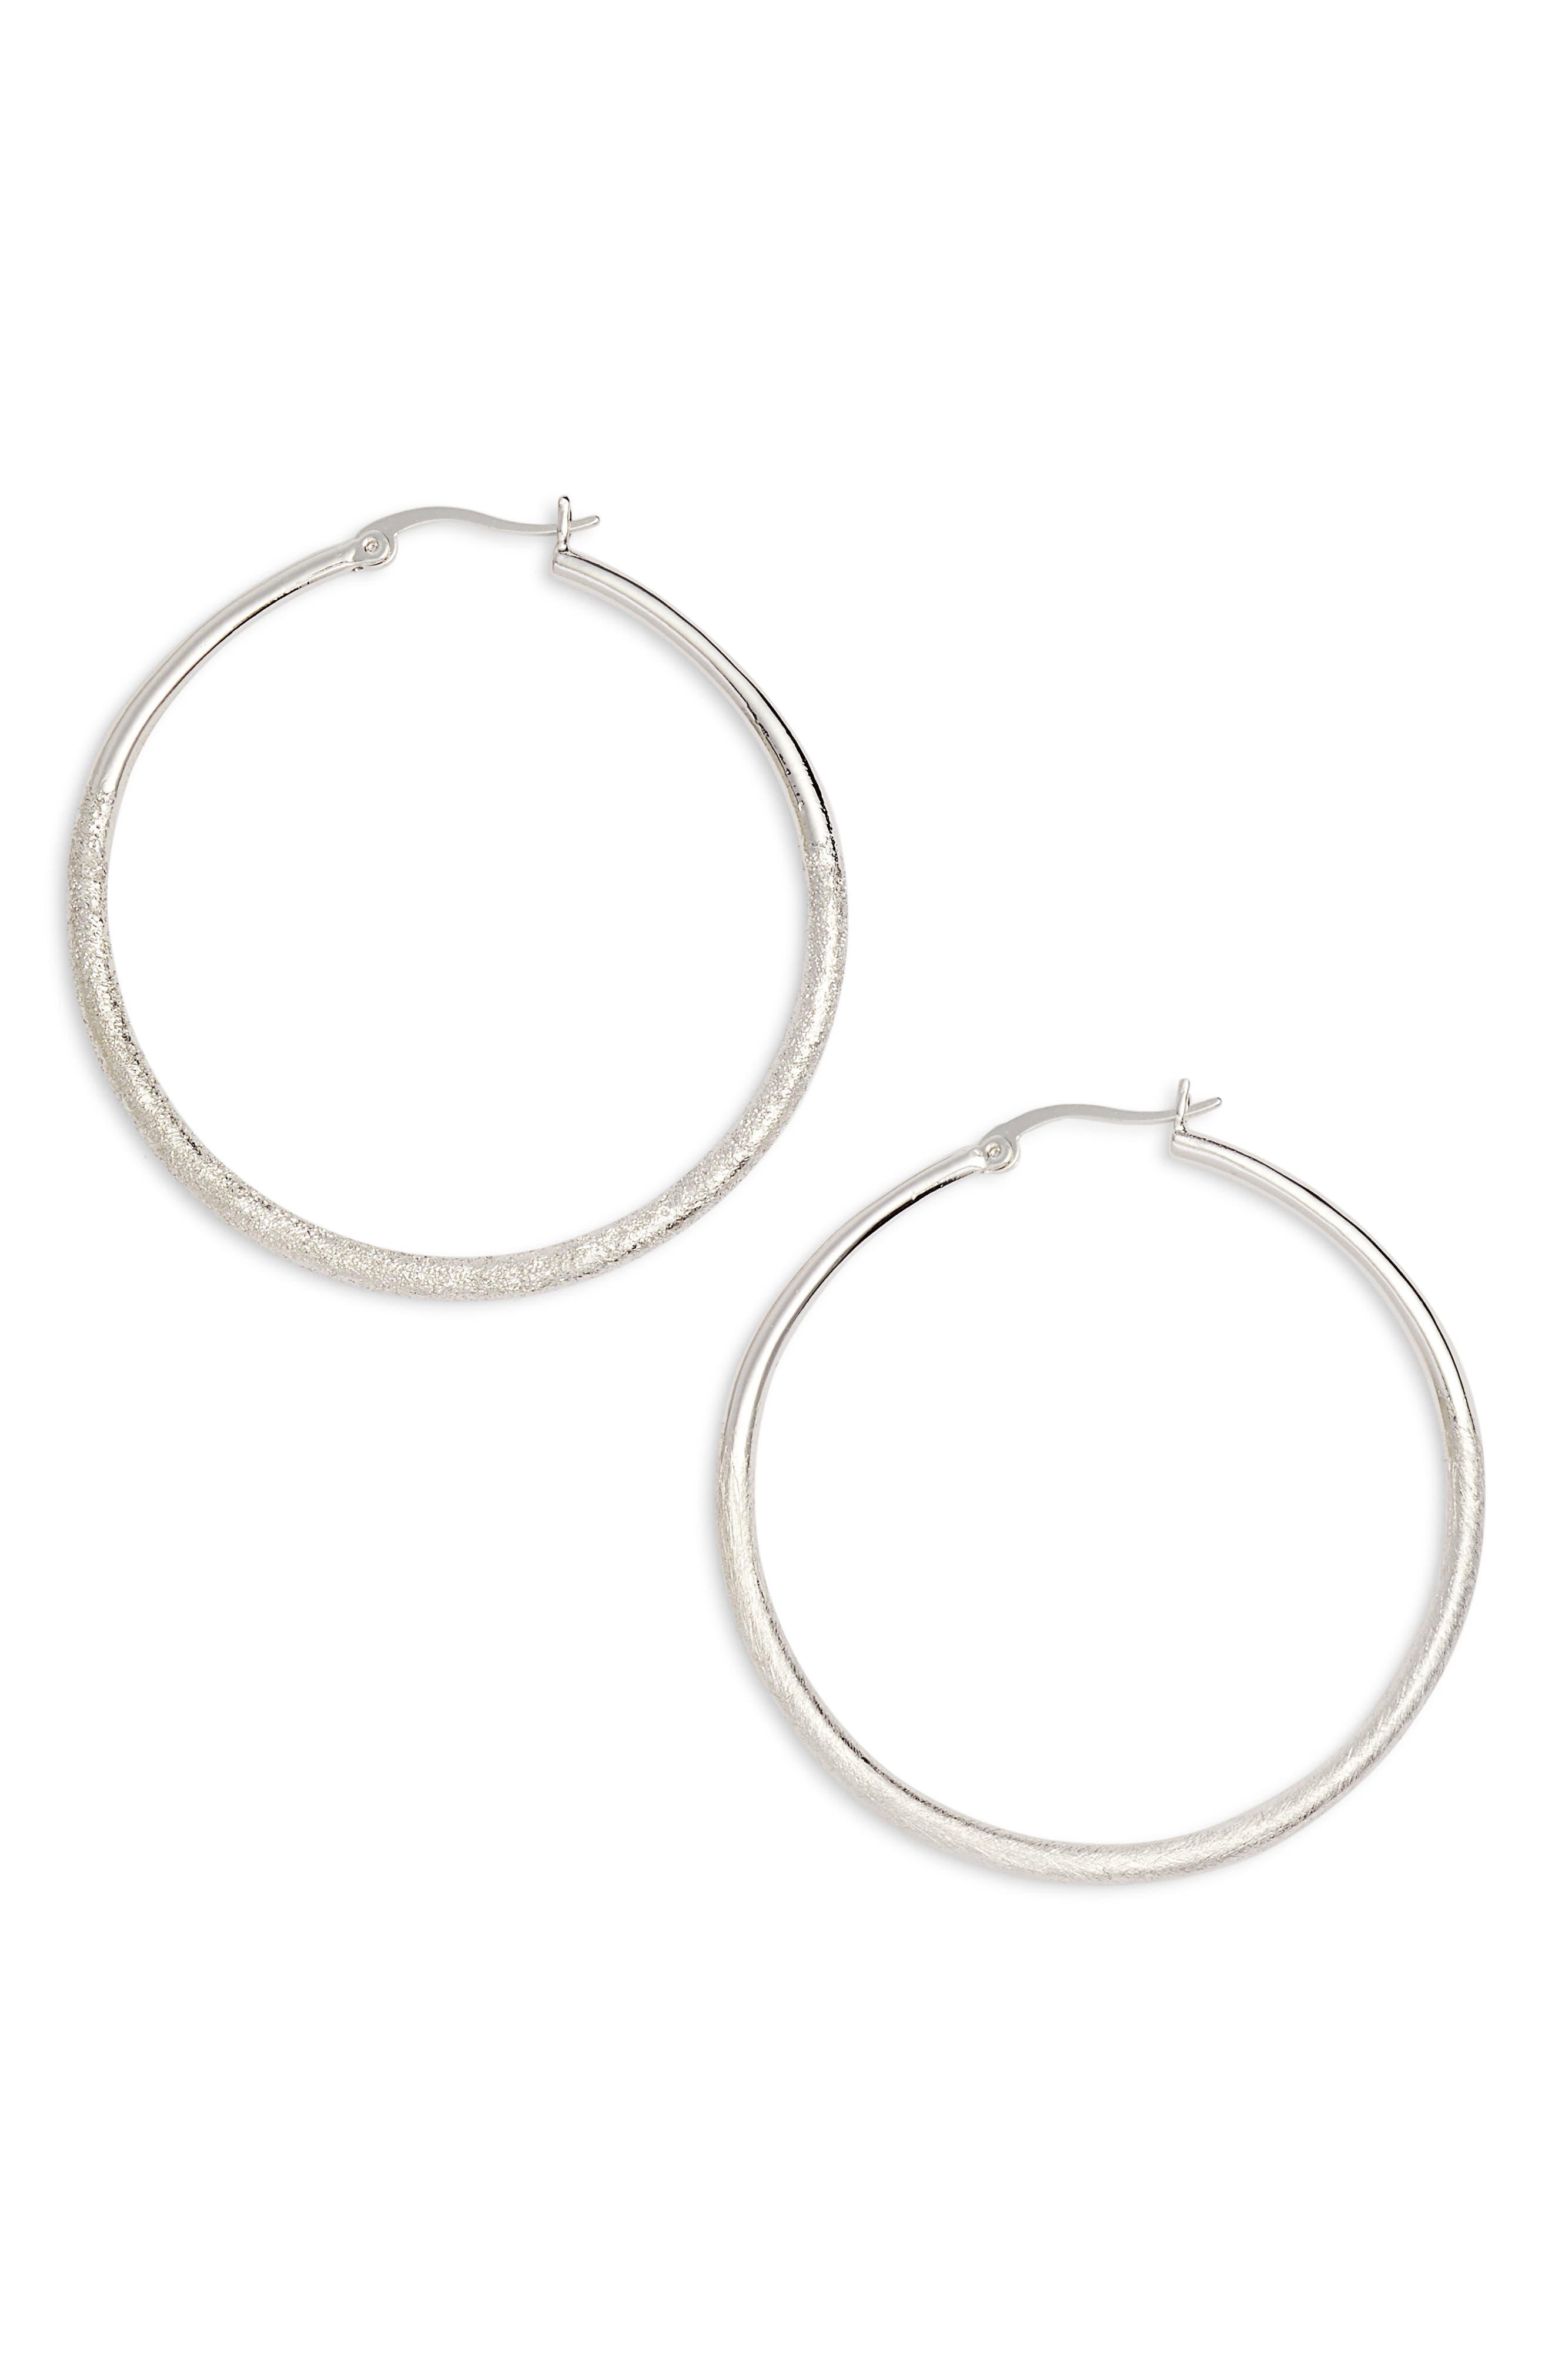 Fine Texture Medium Hoop Earrings,                             Main thumbnail 1, color,                             RHODIUM